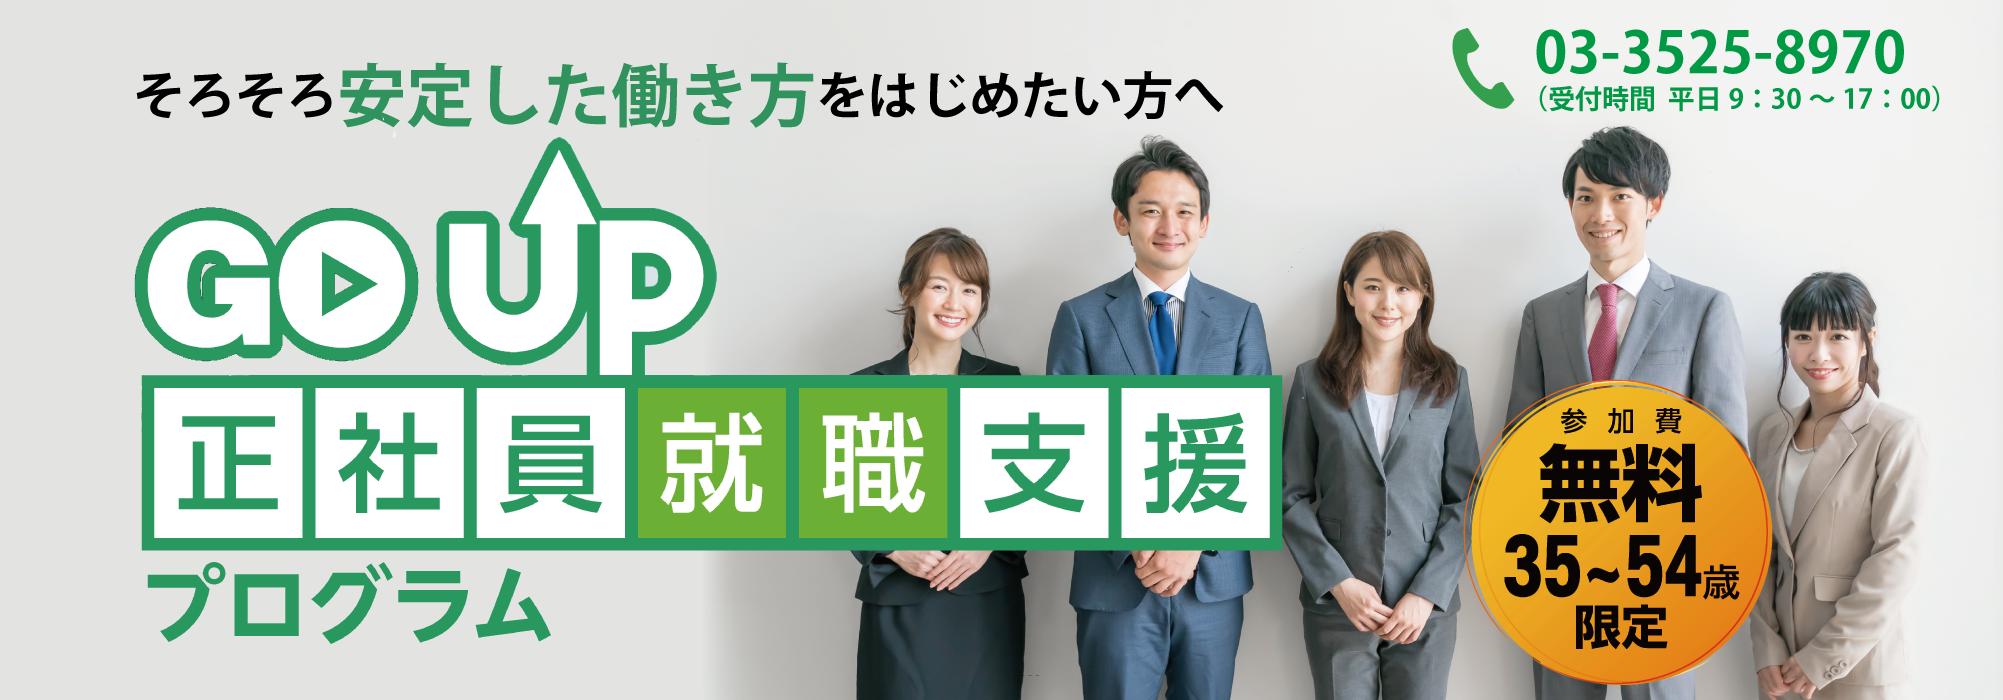 20201022神奈川メインビジュアルver3